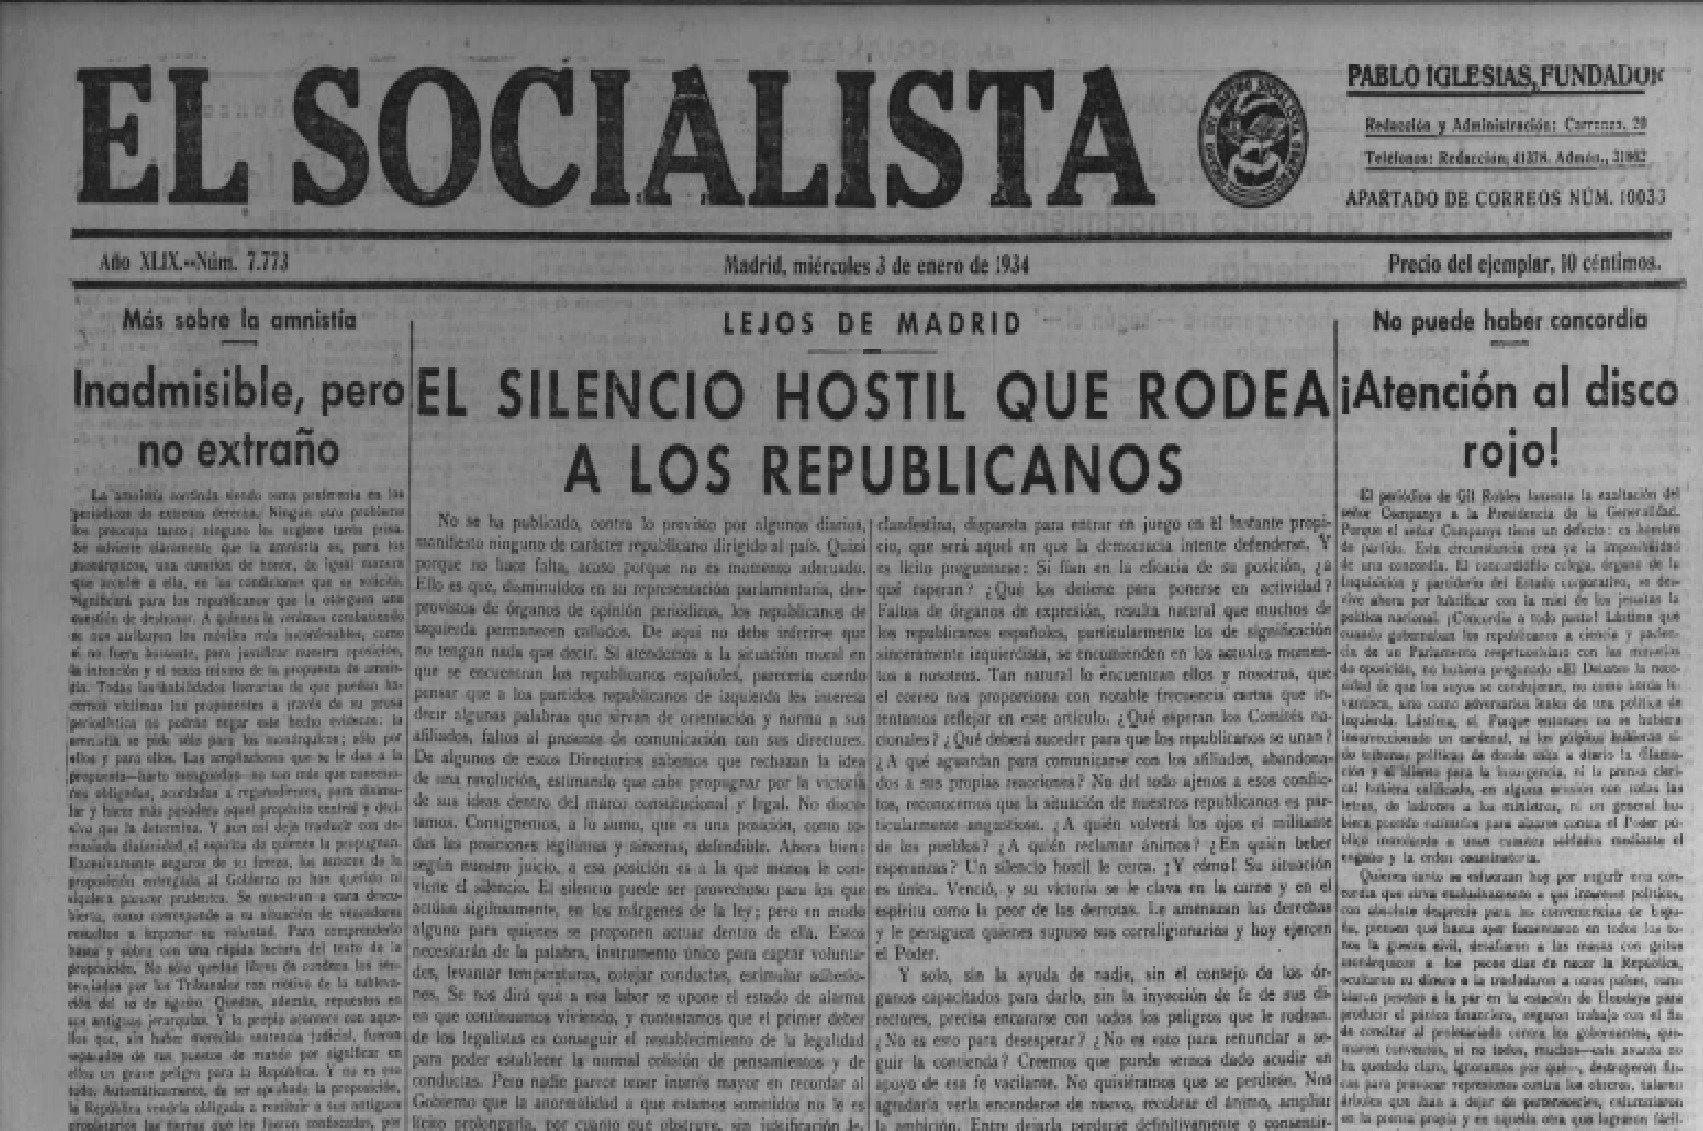 """Estos acontecimientos del golpe de Estado de 1934 son los que se han falseado con el nombre de """"Revolución de Asturias"""""""